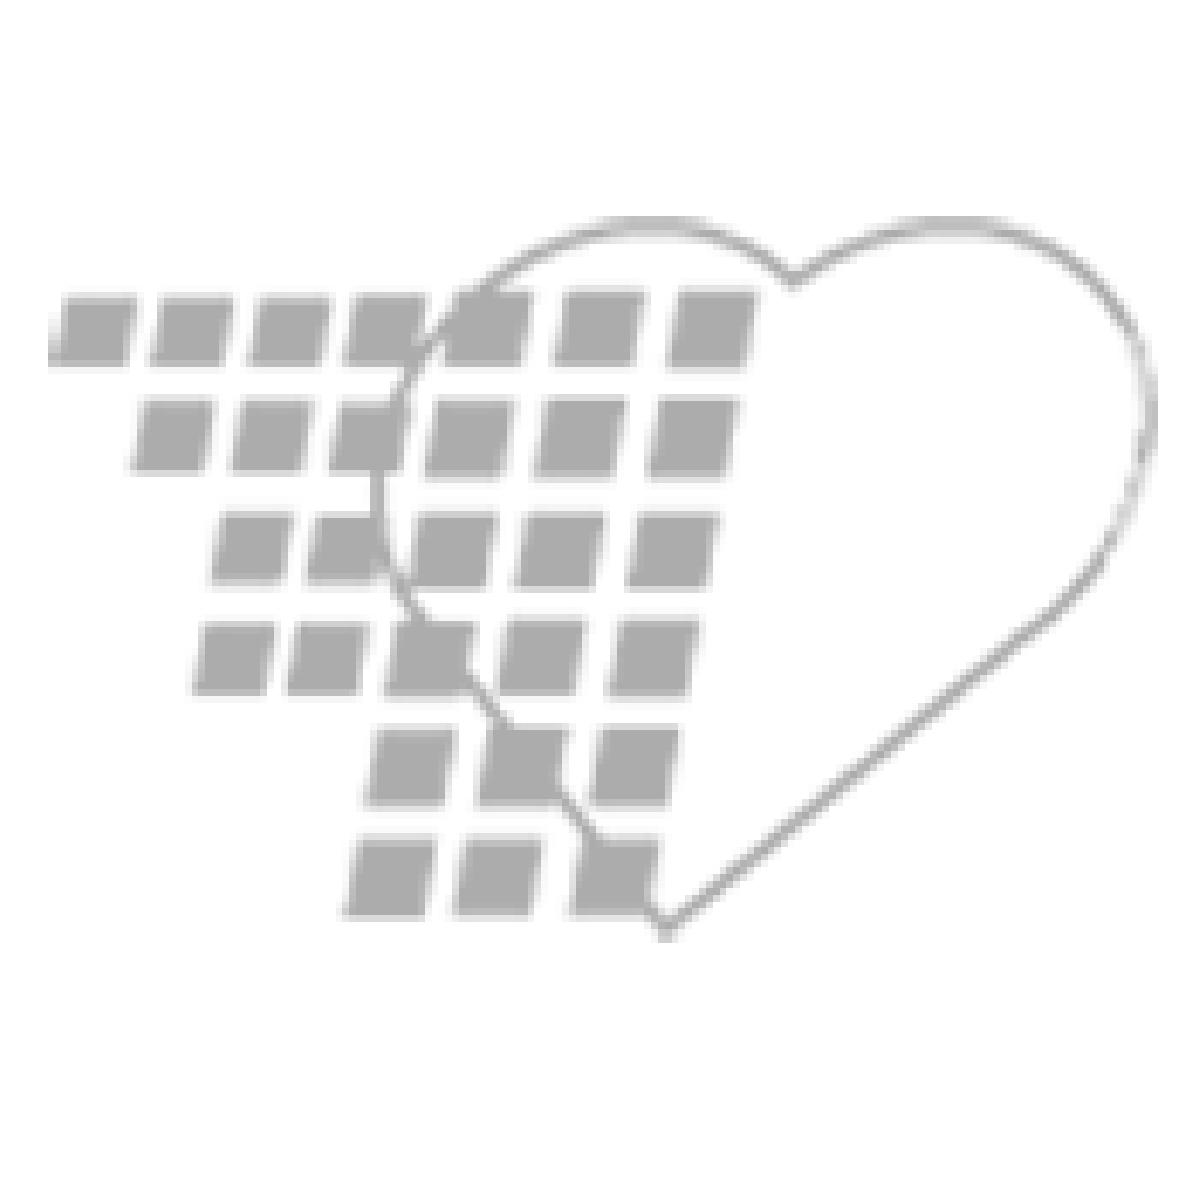 09-79-5363 Delmar's Basic Nursing Care Skills DVDs Each (1-8) Non-Returnable